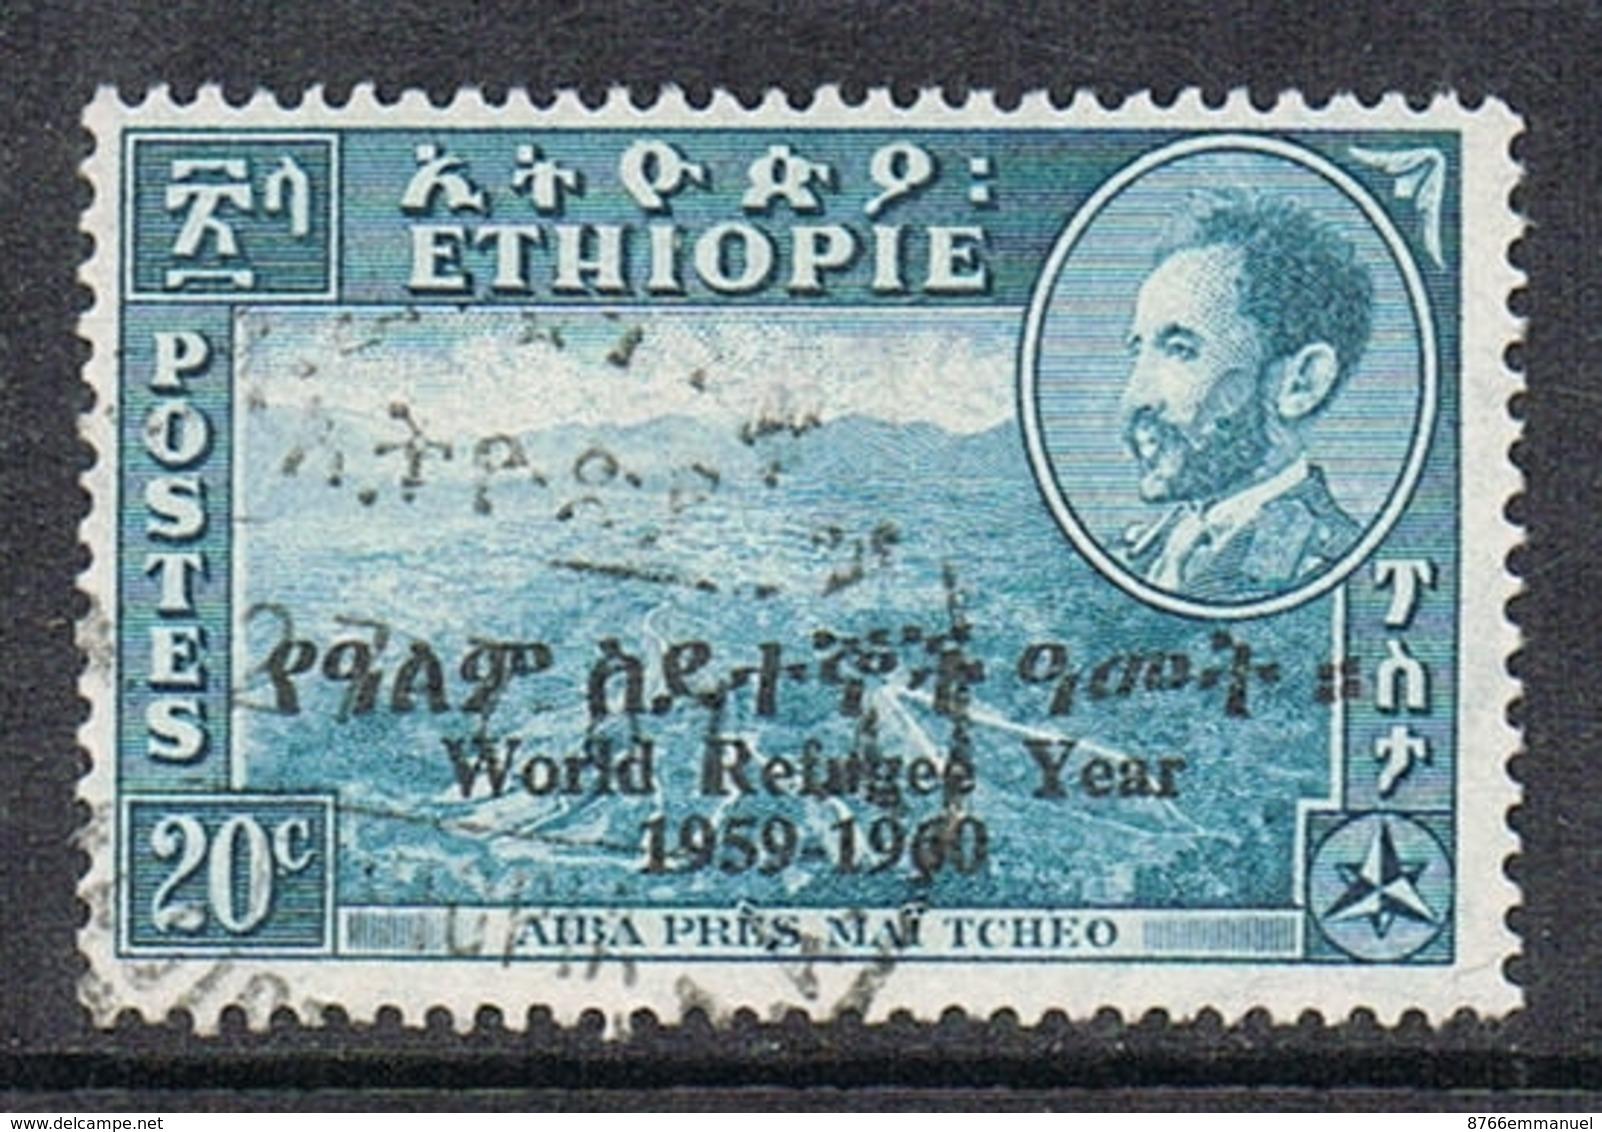 ETHIOPIE N°352 - Ethiopie